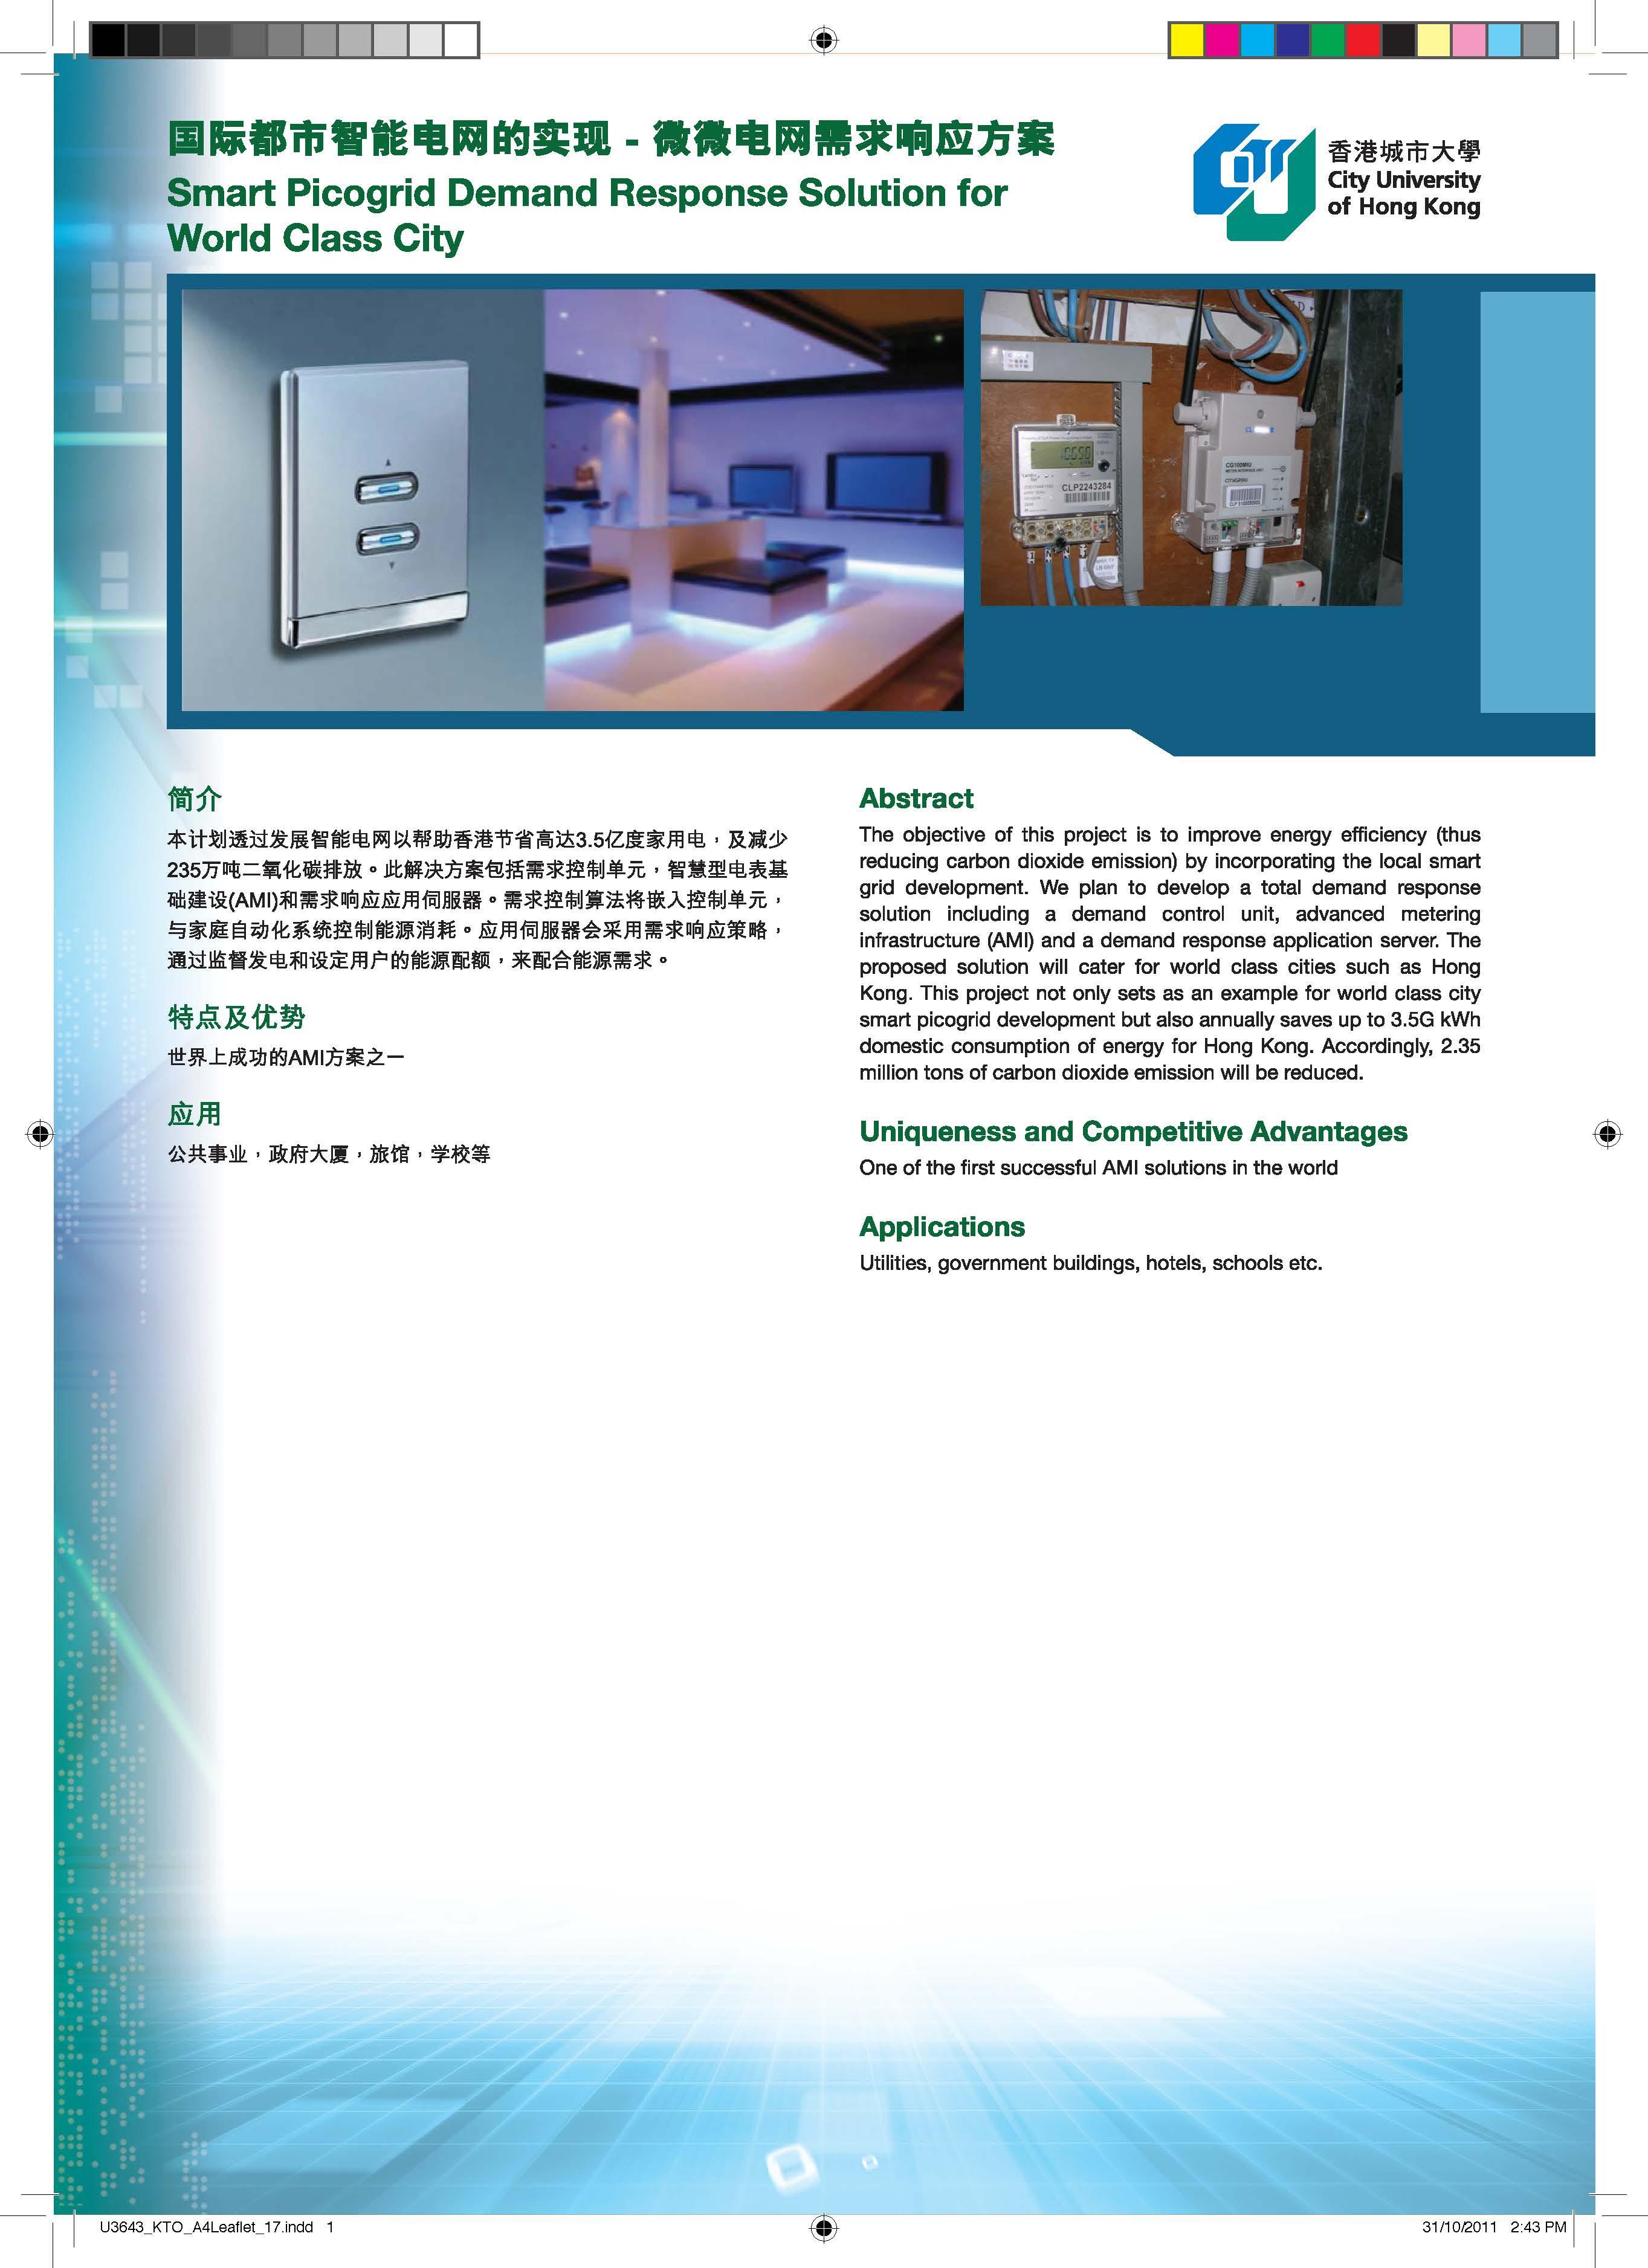 国际都市智能电网的实现-微微电网需求响应方案.jpg